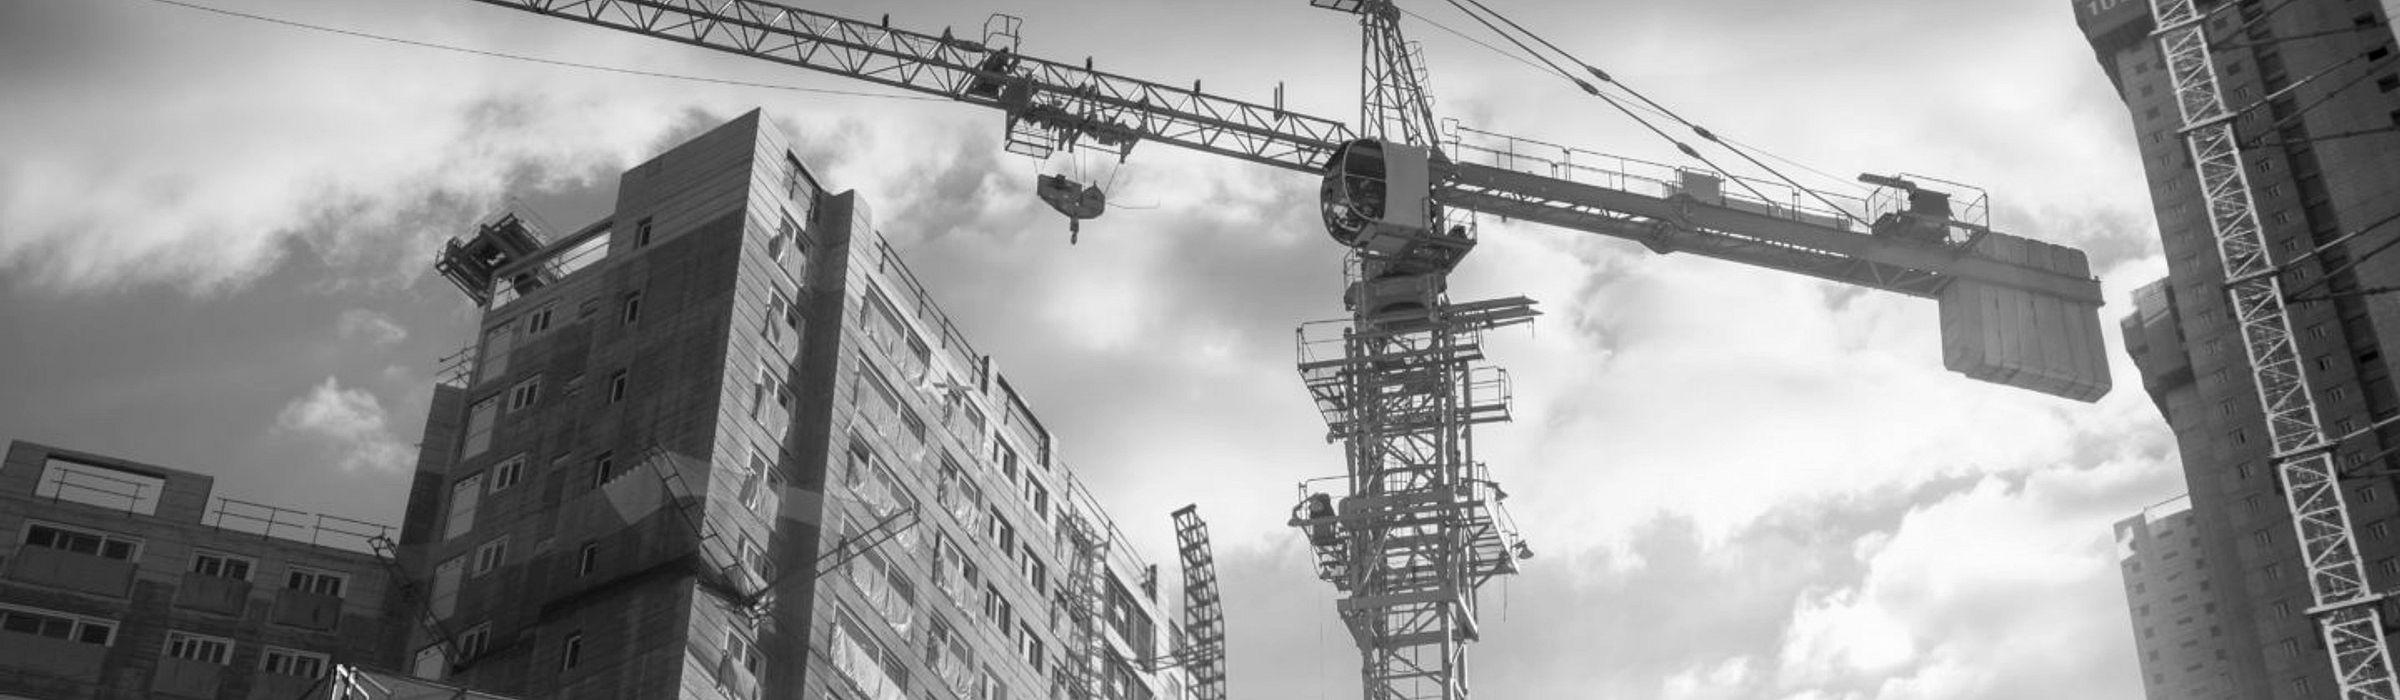 Large crane on a construction site